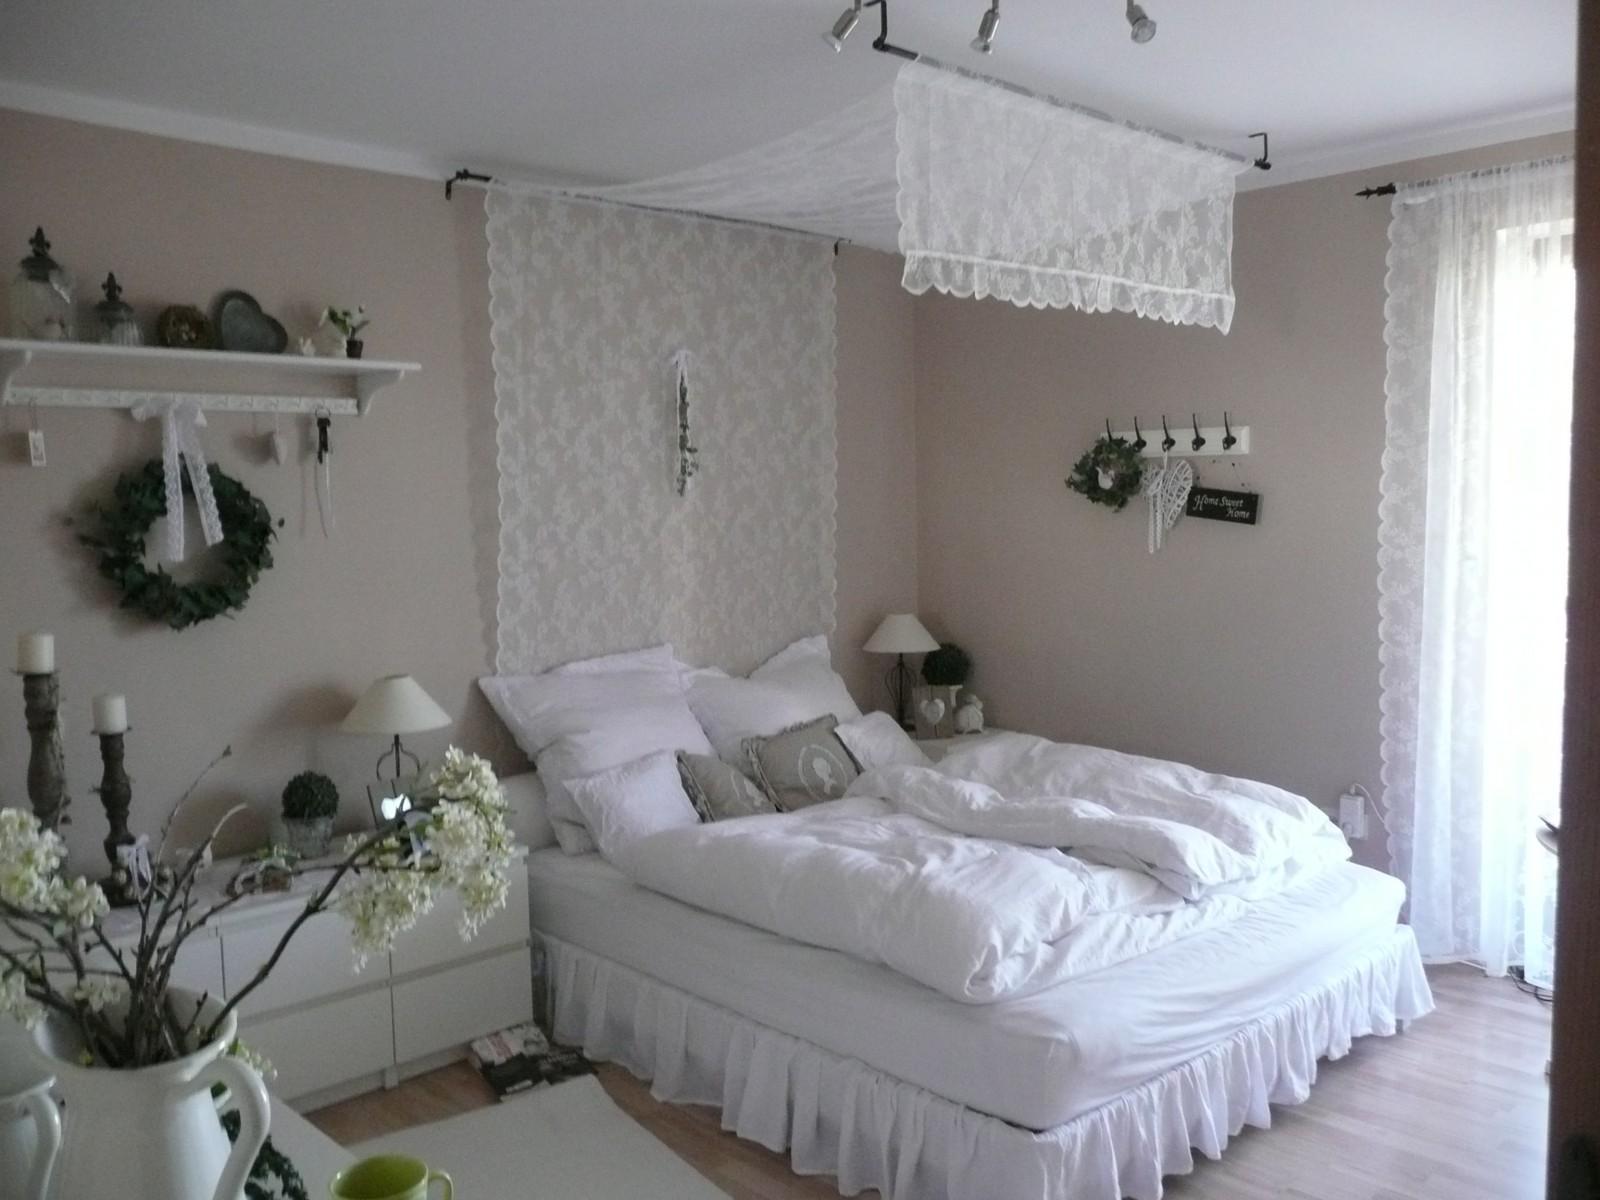 schlafzimmer: wohnideen & einrichtung - zimmerschau, Modern haus